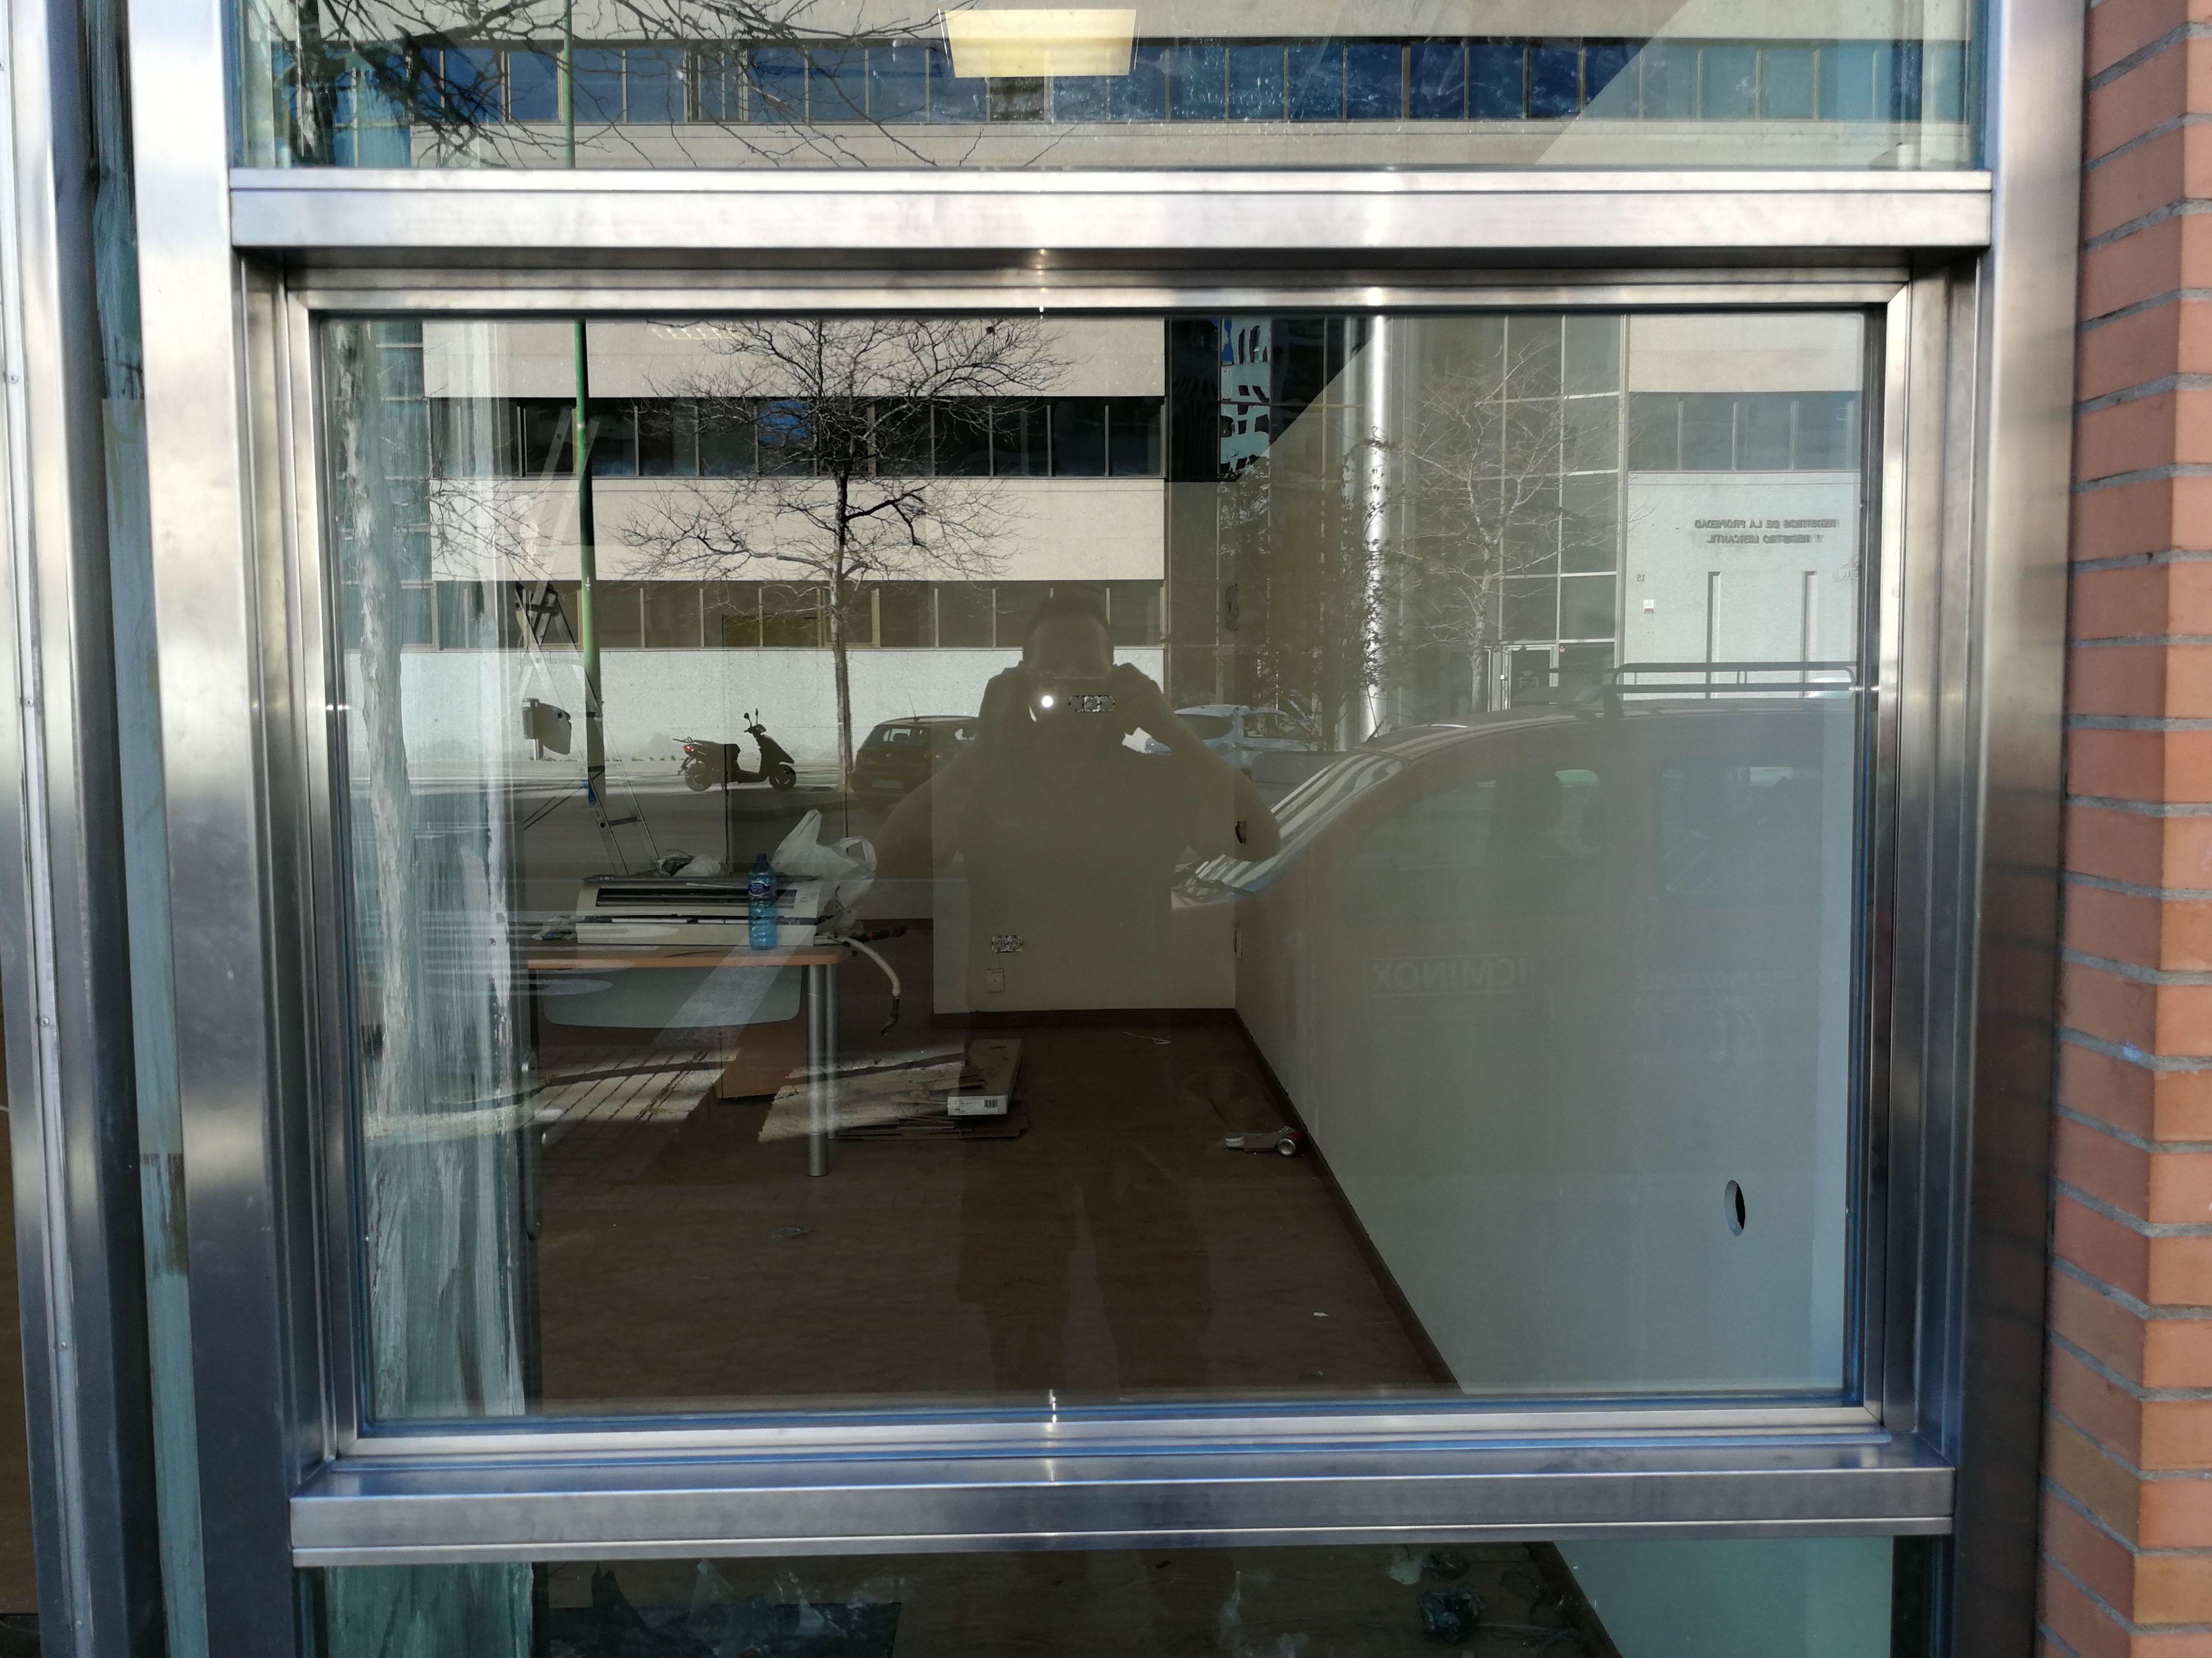 Foto 147 de Especialistas en diseños y proyectos en acero inoxidable en Alcalá de Guadaíra | Icminox